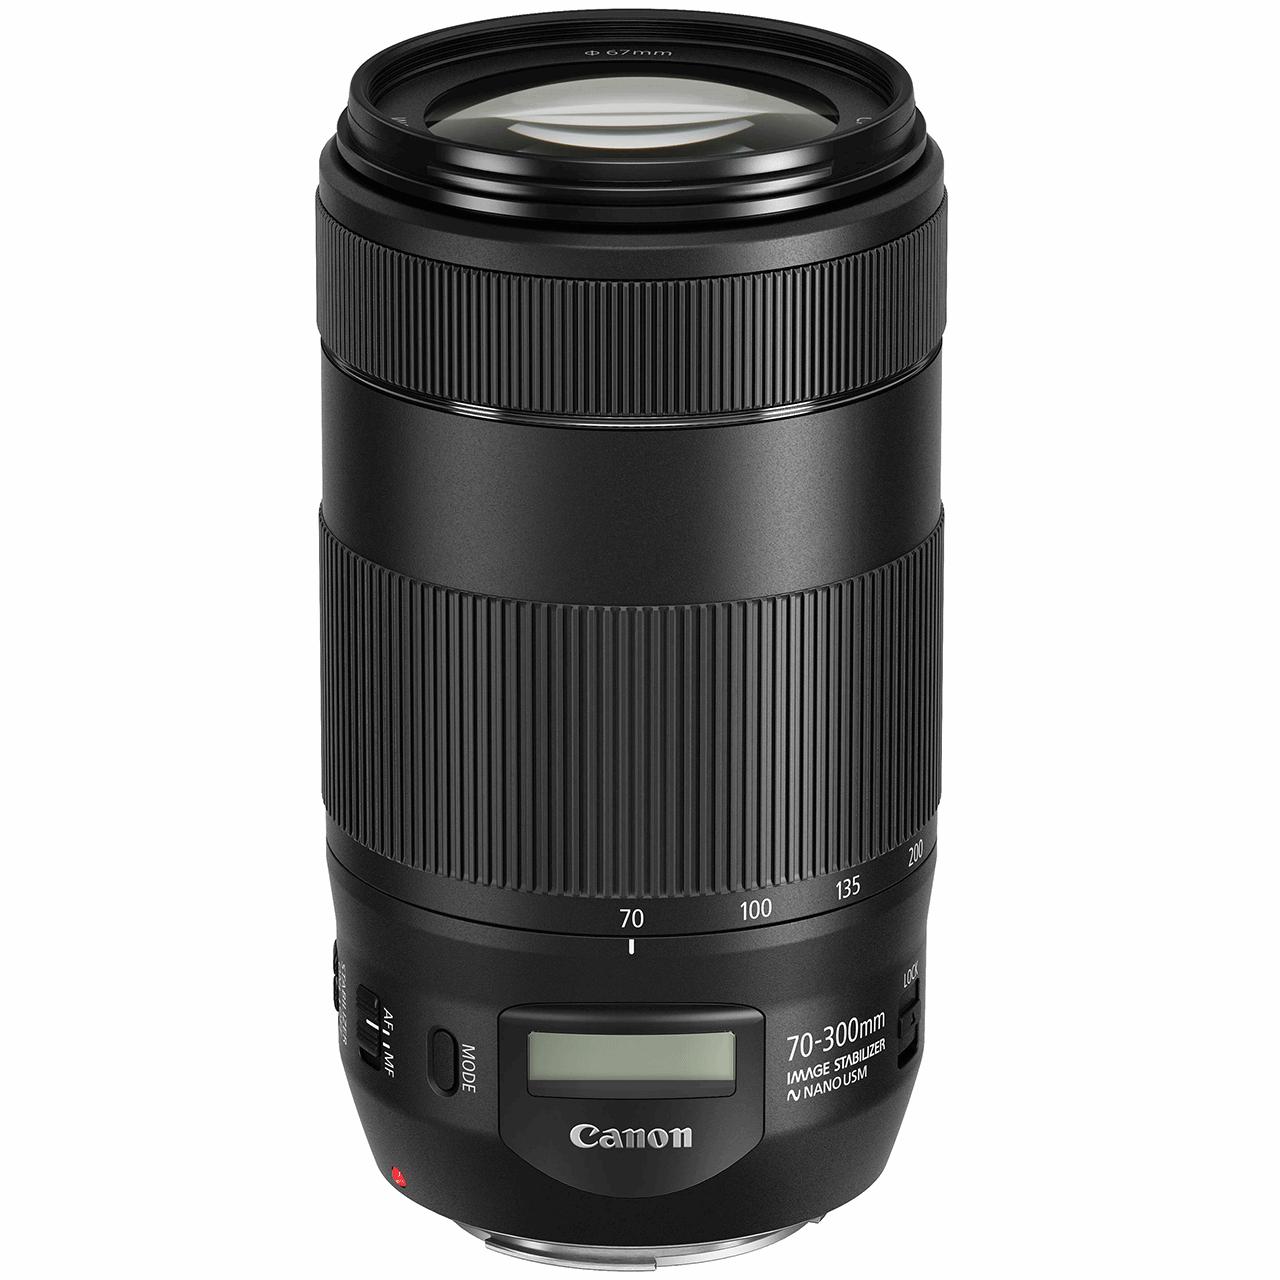 لنز کانن مدل EF 70-300mm f/4-5.6 IS II USM